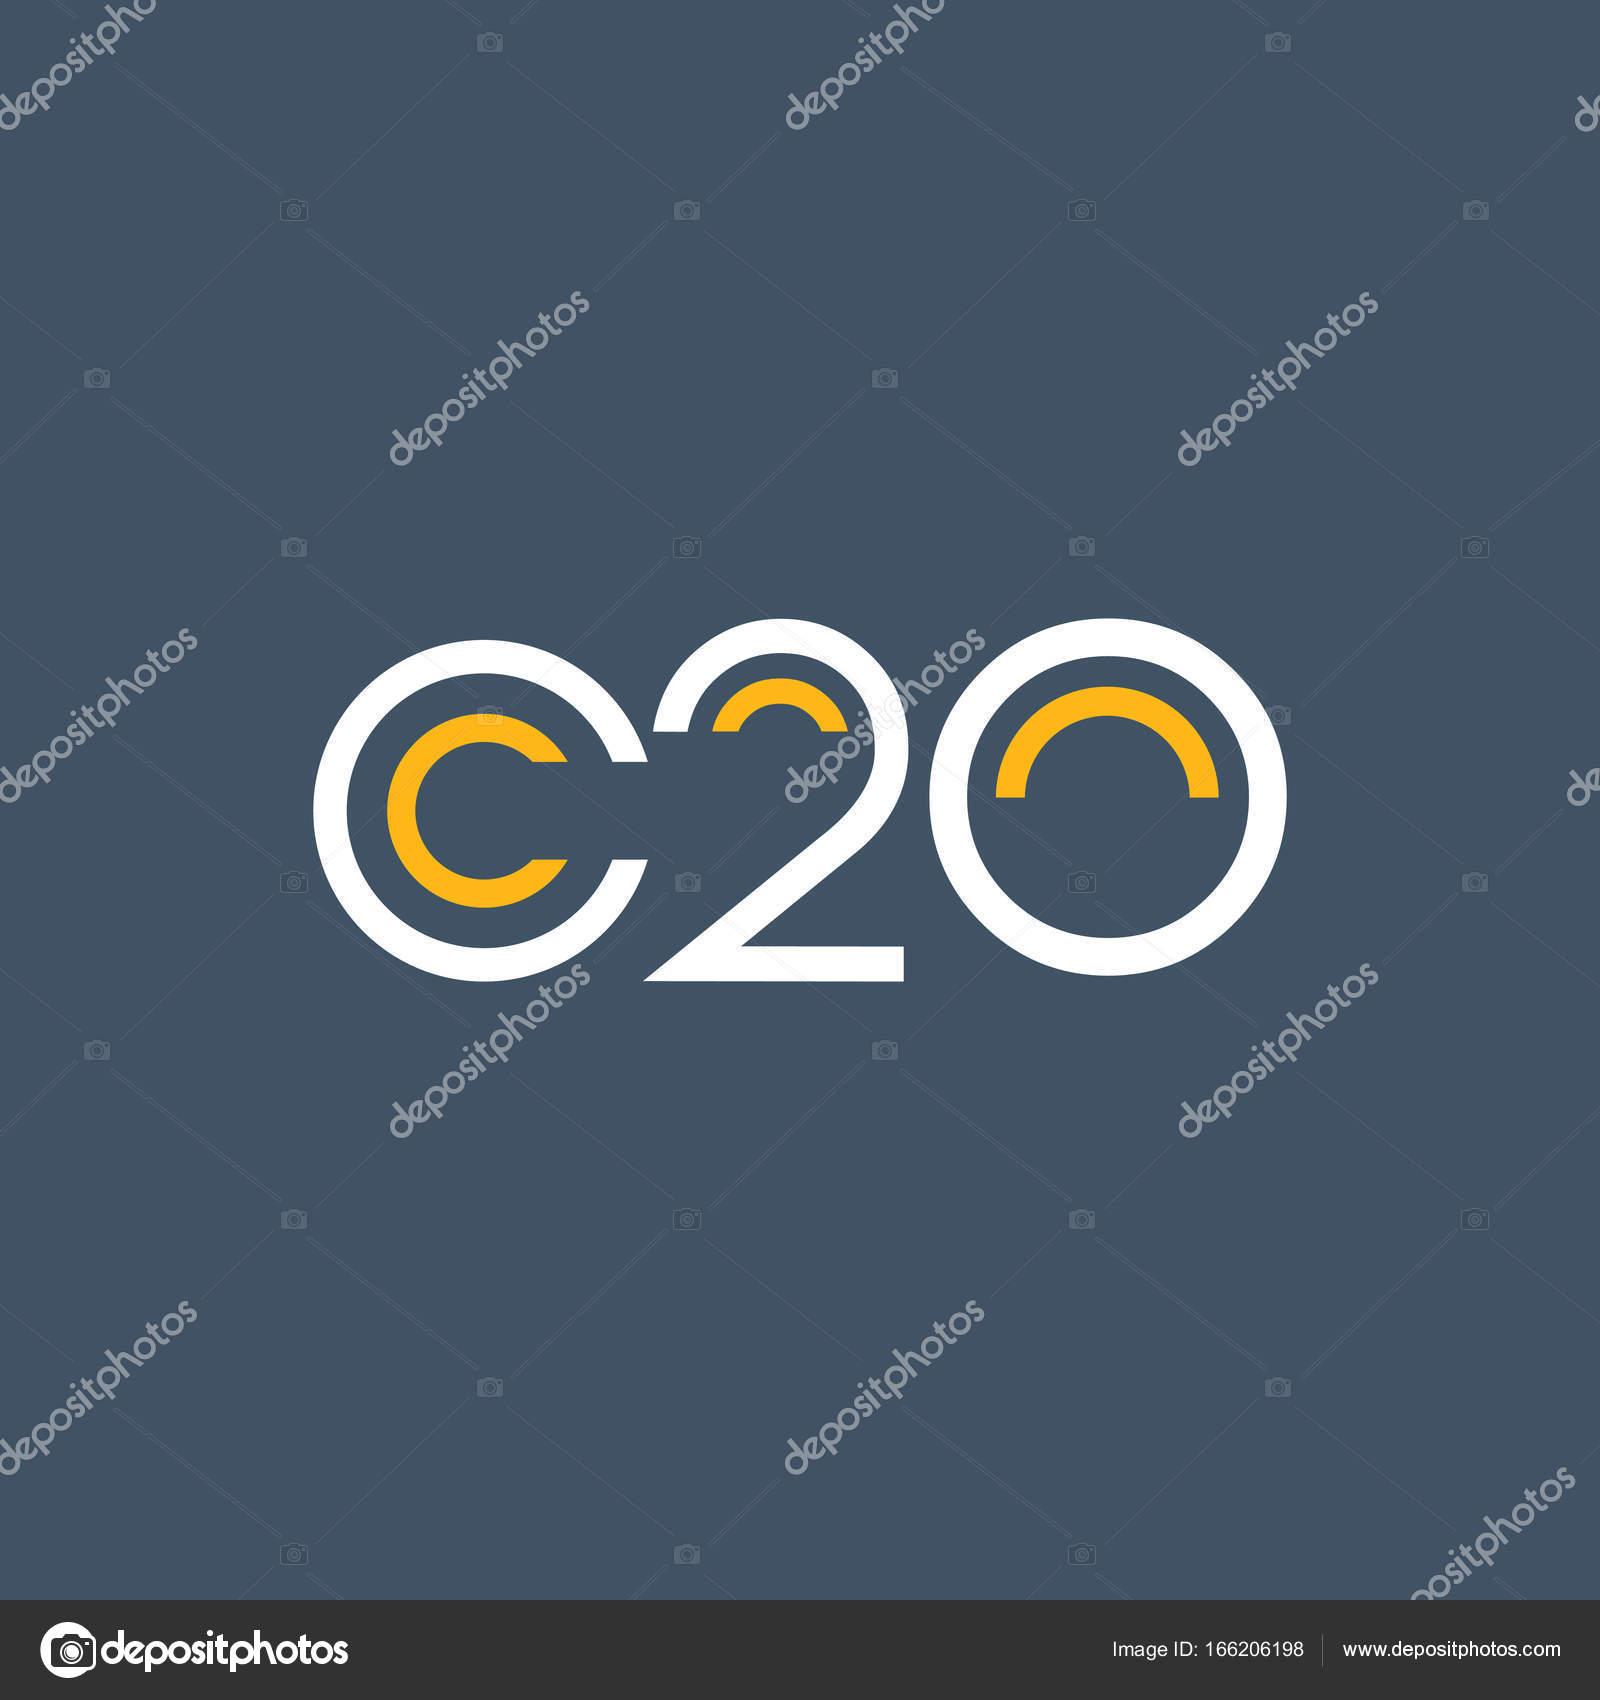 Round logo C20 logo — Stock Vector © brainbistro #166206198